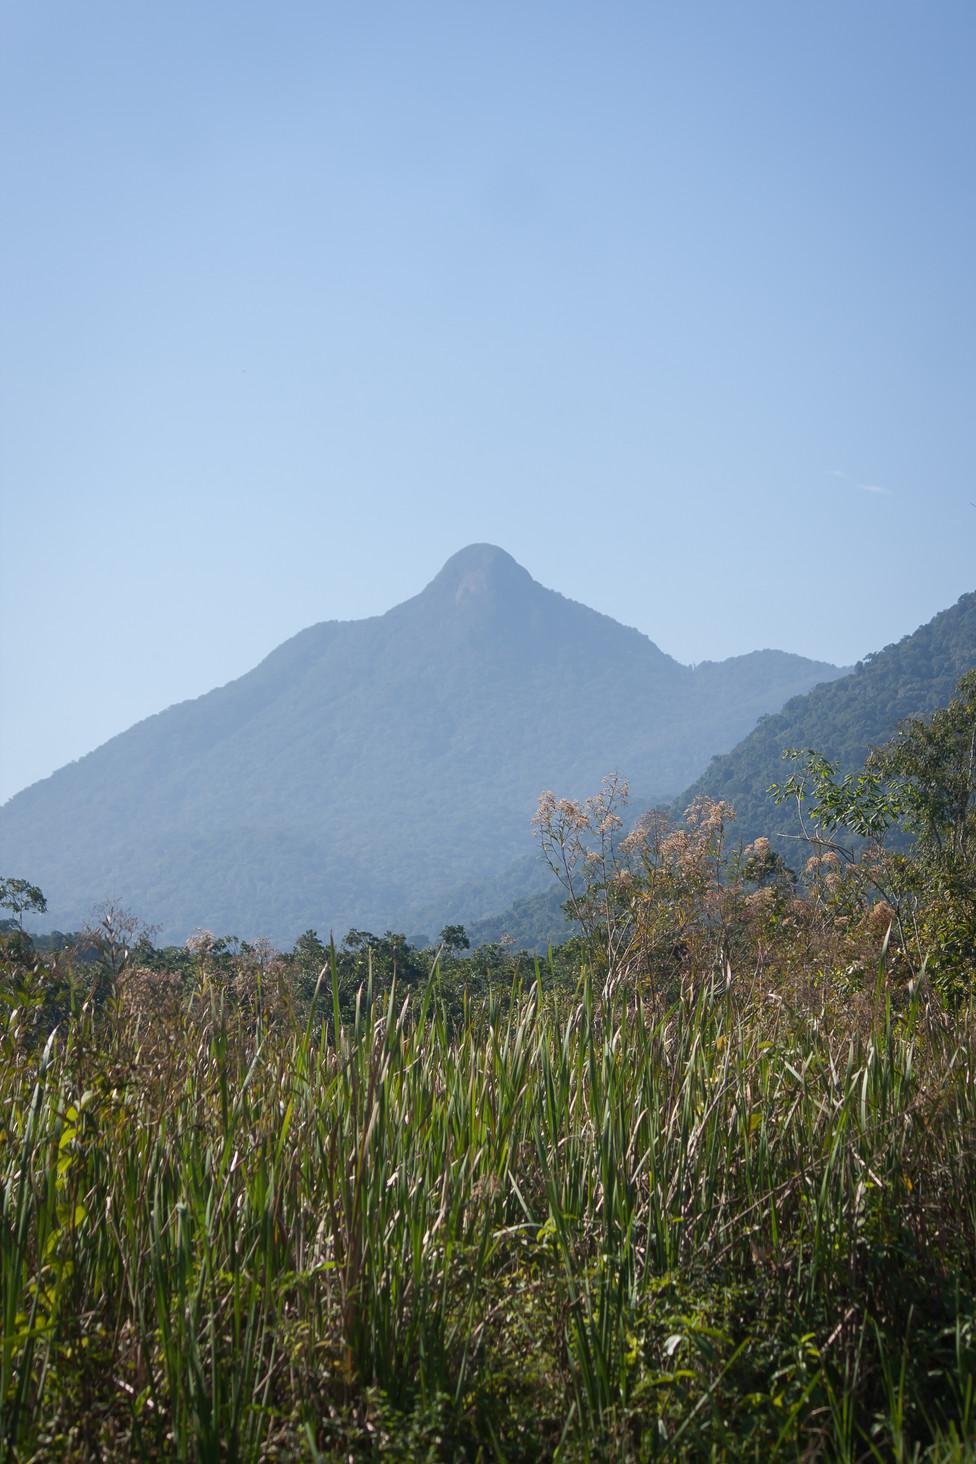 Cuscuzeiro mountain